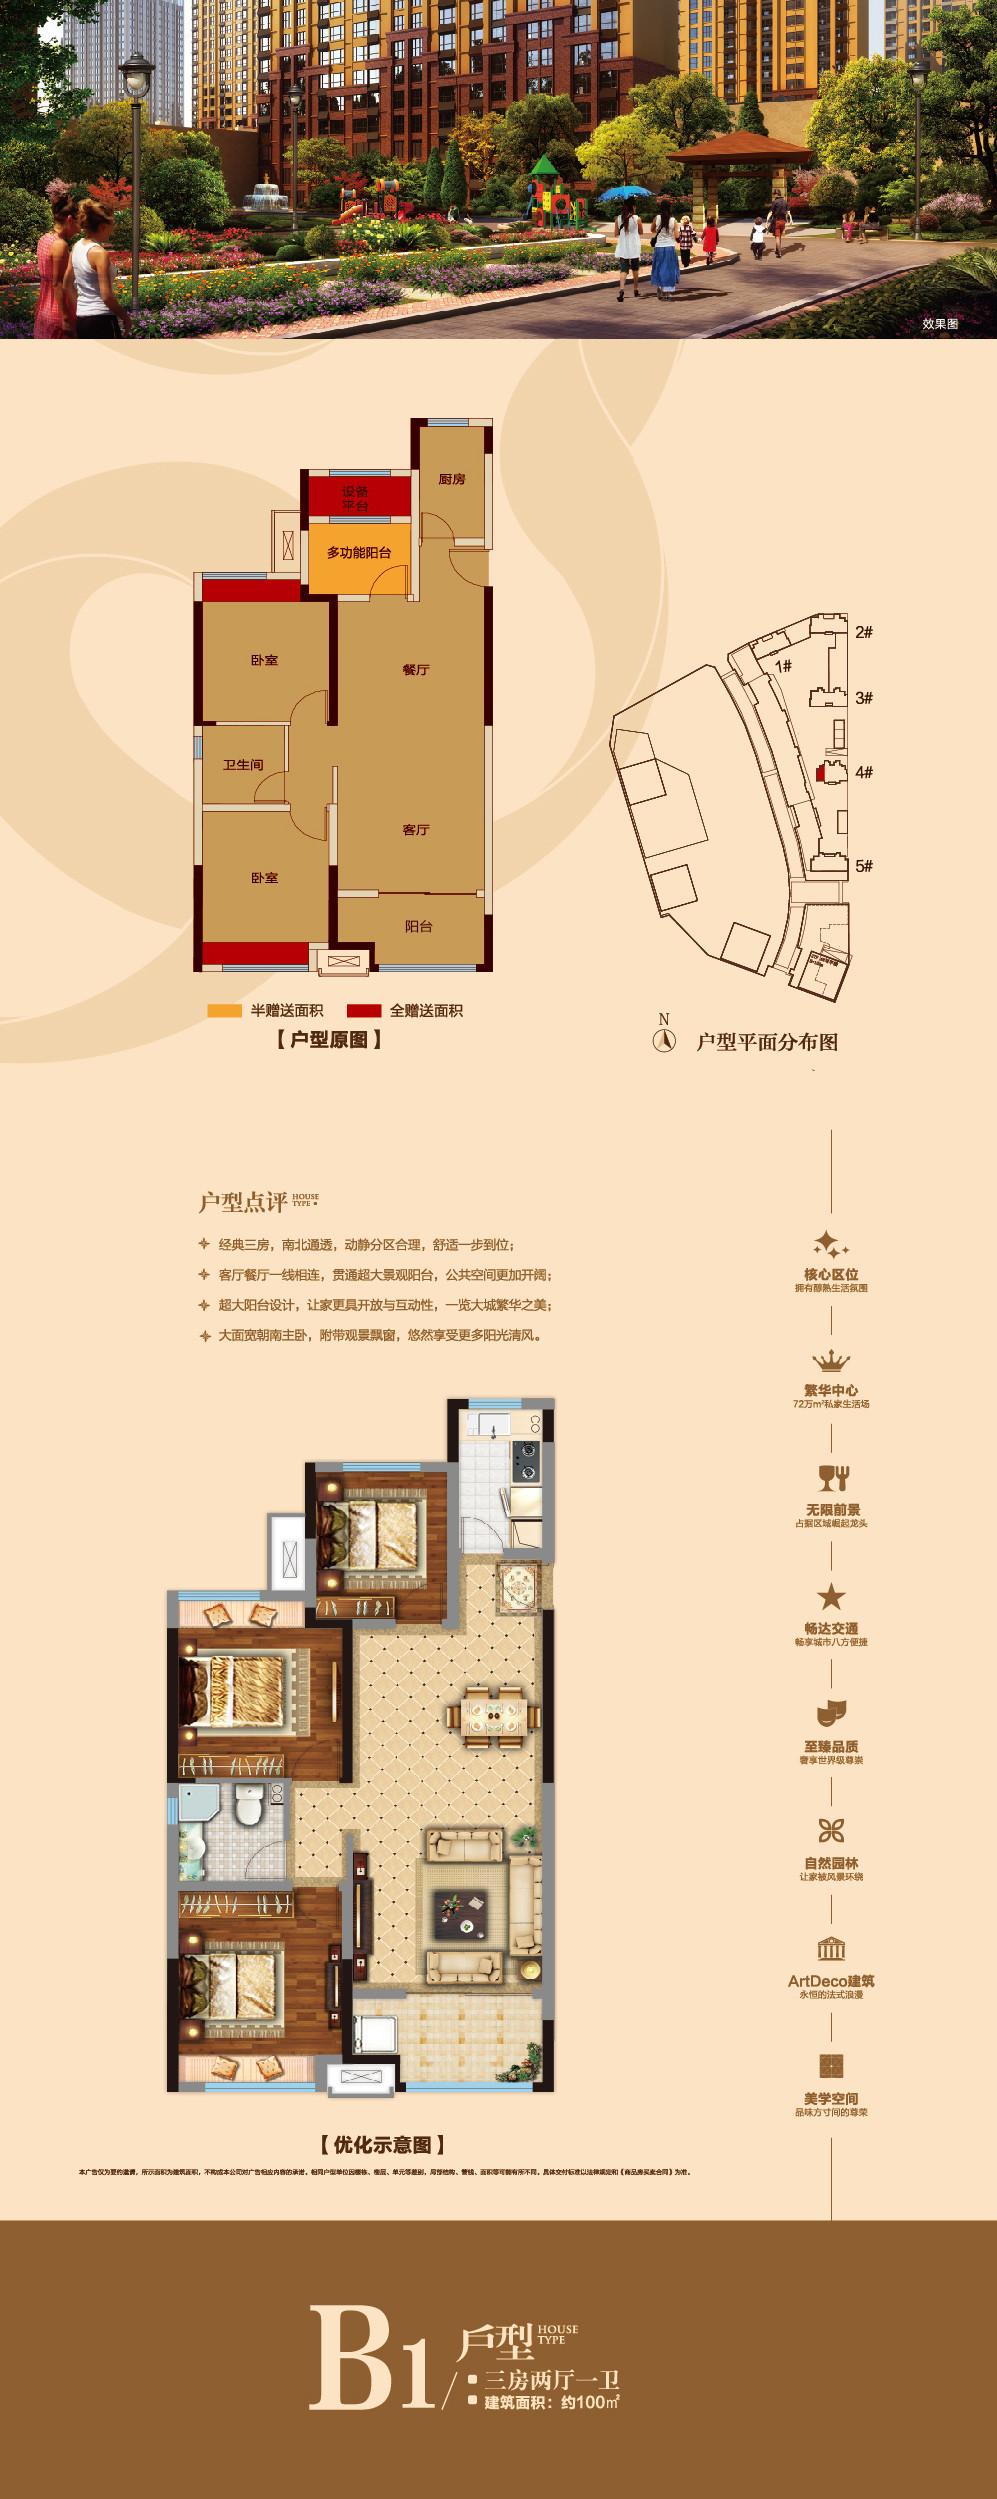 瑶海万达广场_3室2厅1卫1厨